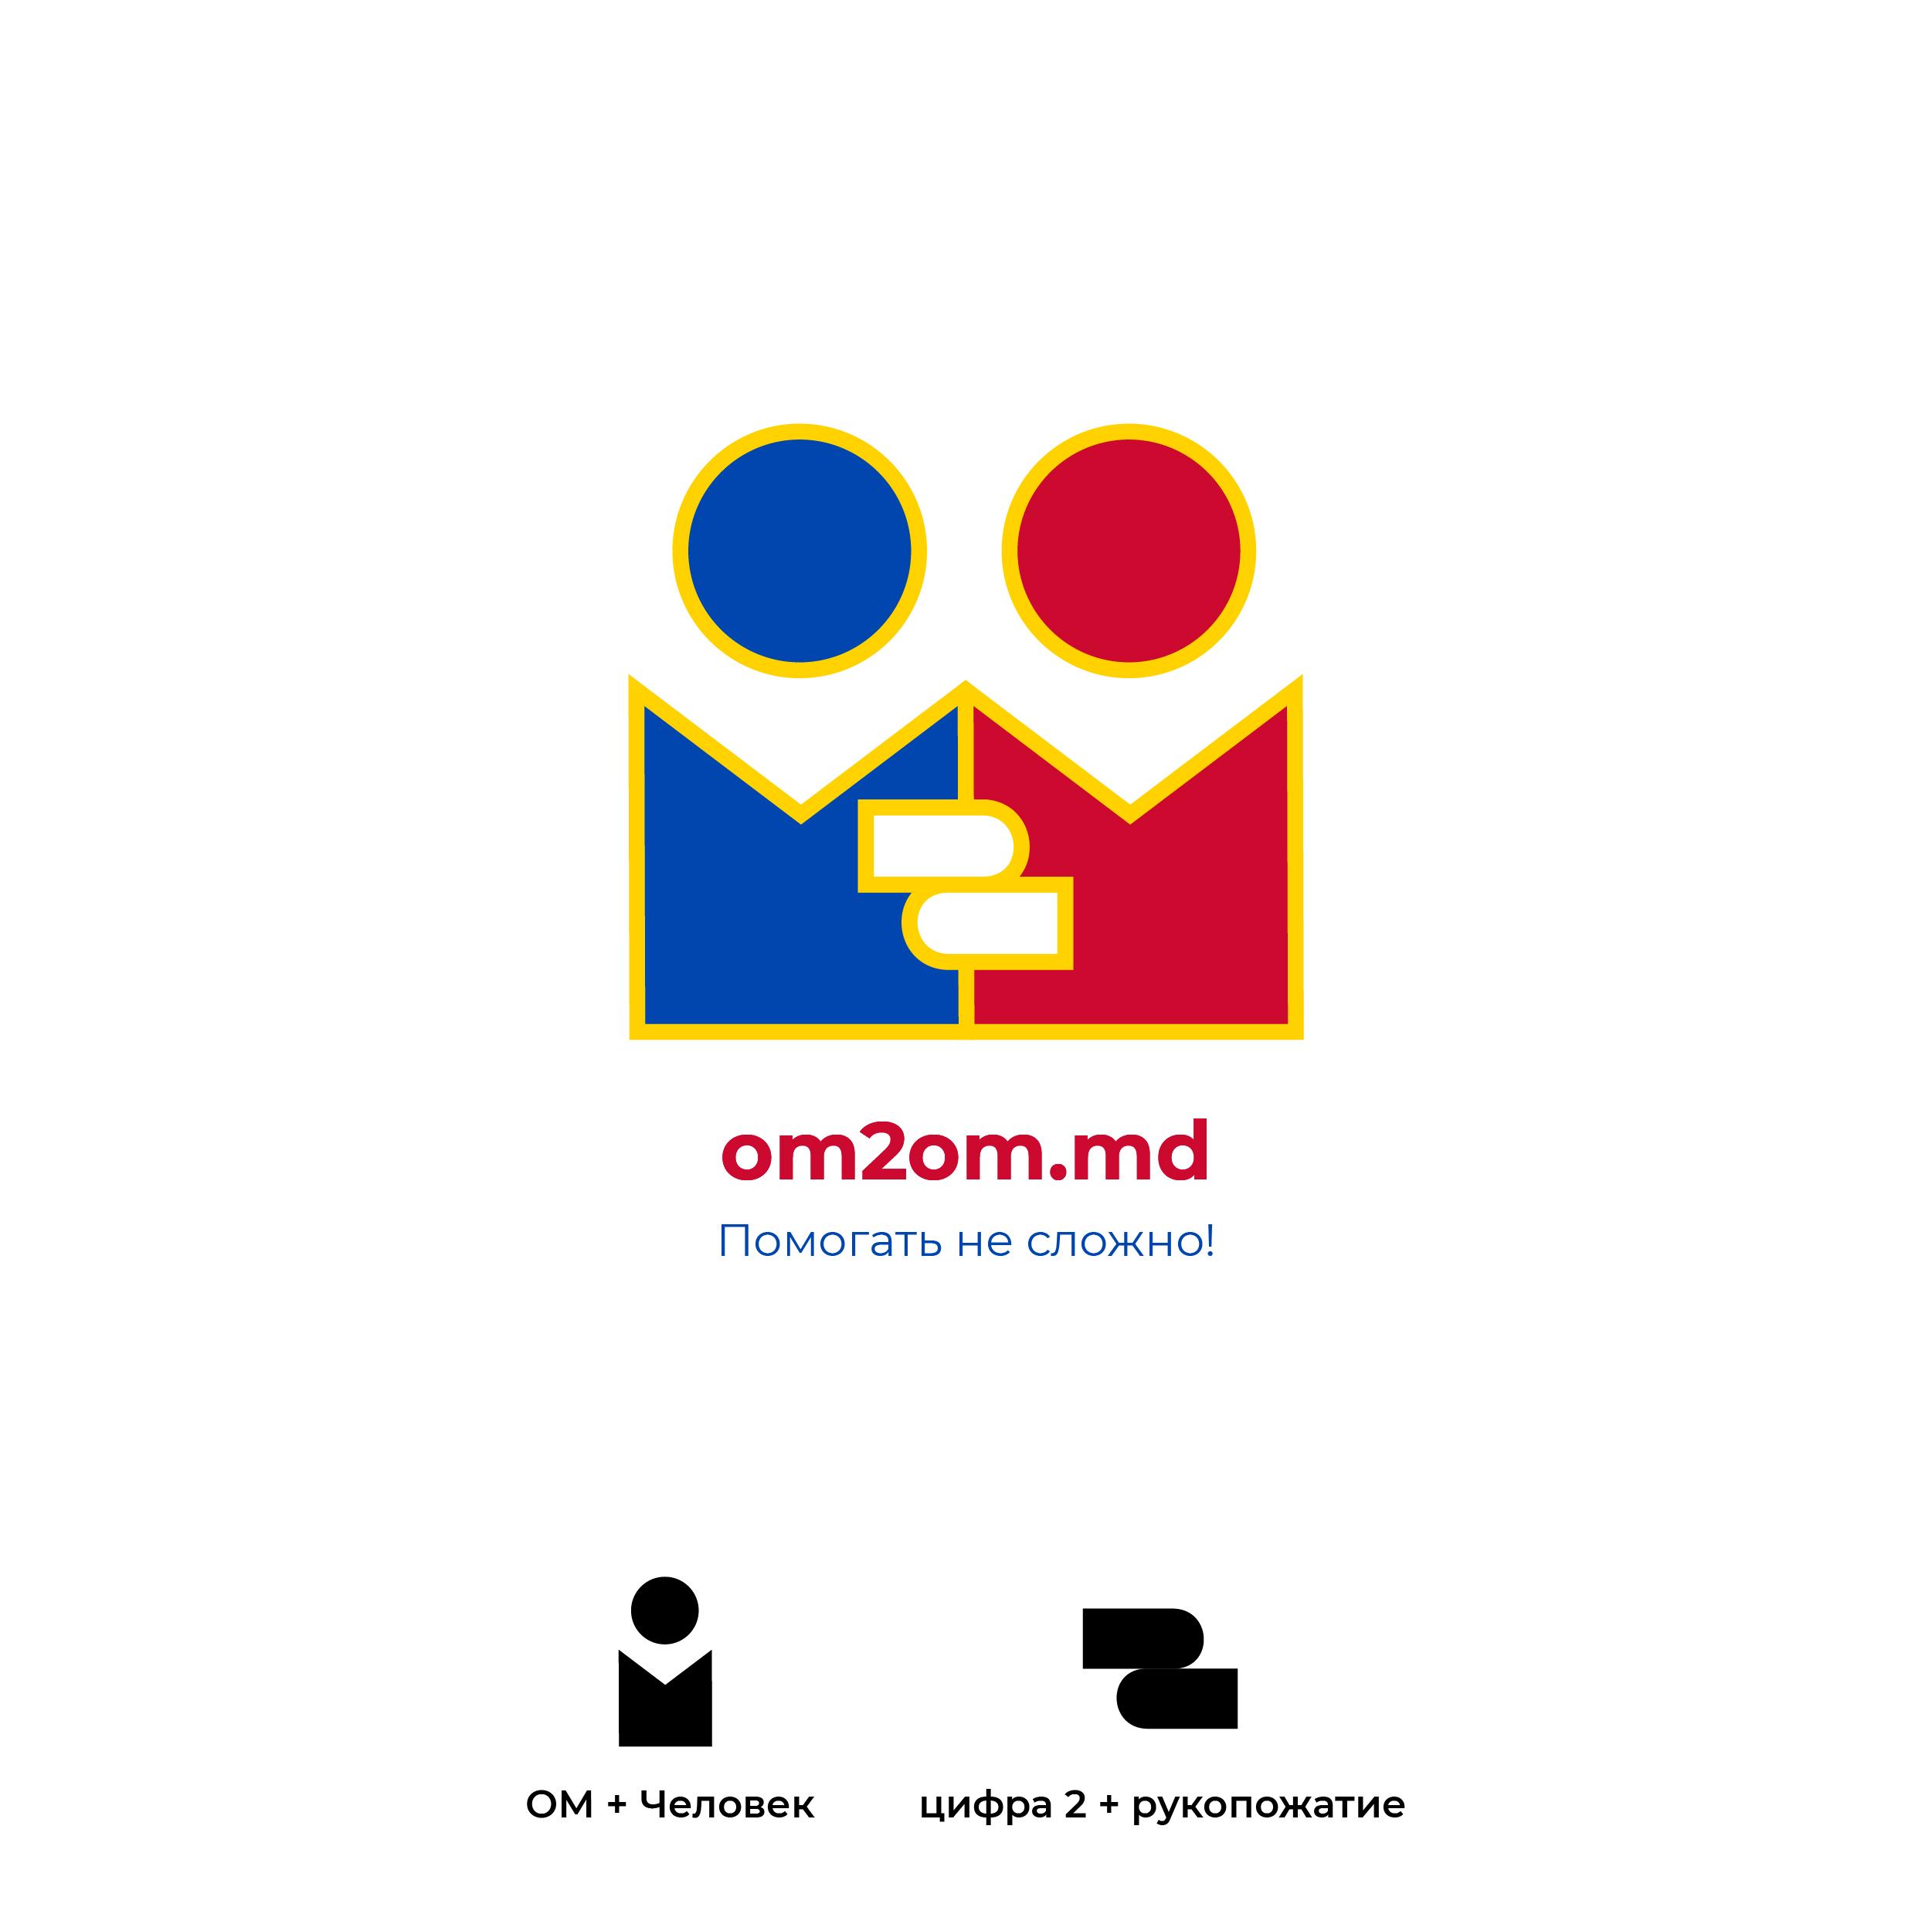 Разработка логотипа для краудфандинговой платформы om2om.md фото f_4495f5cef07654c8.jpg